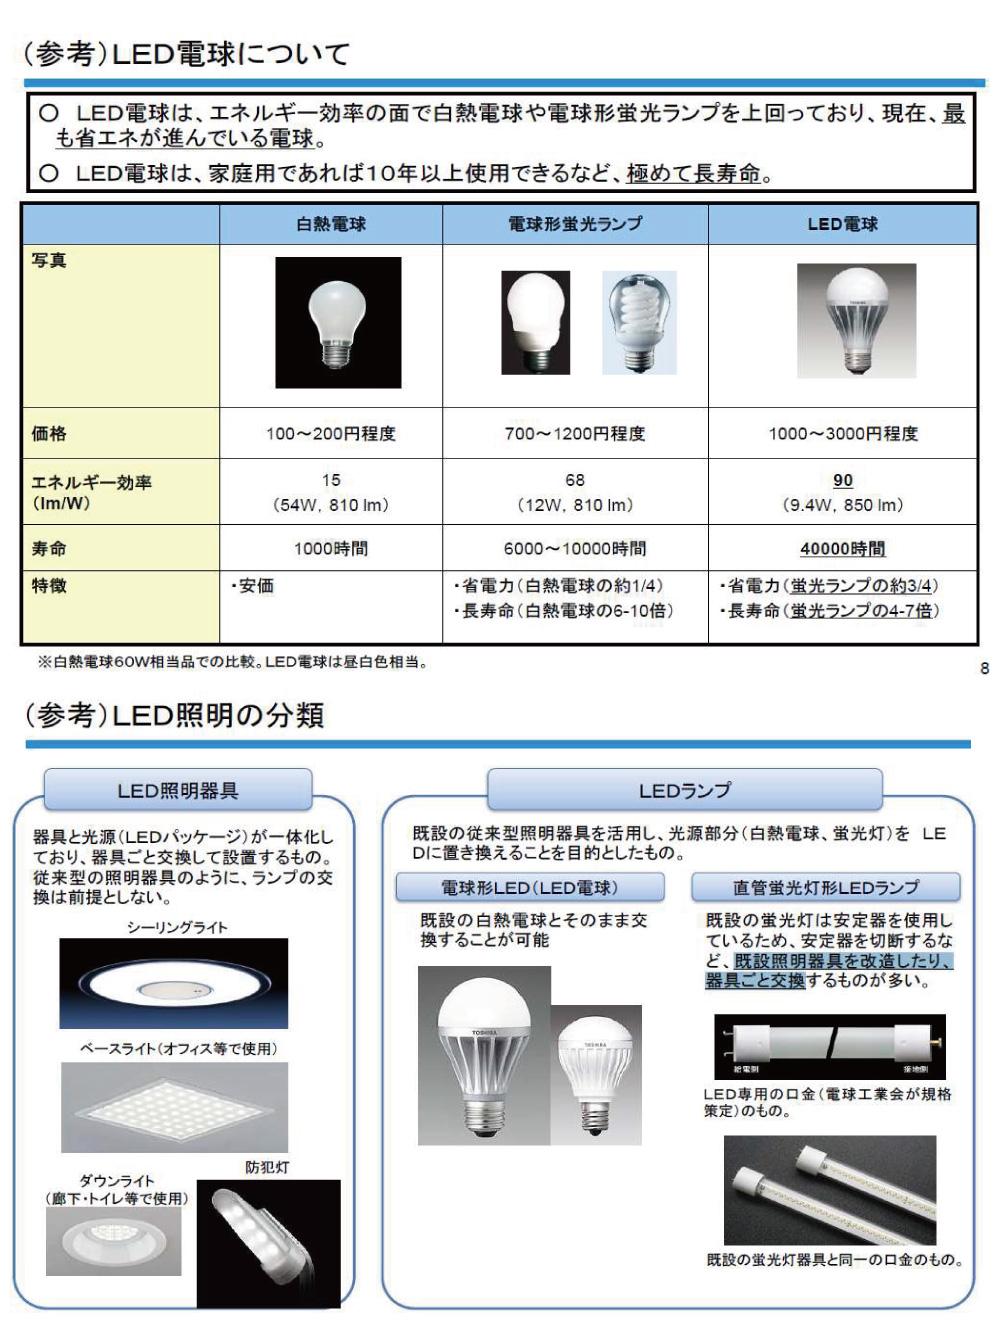 灯 中止 蛍光 製造